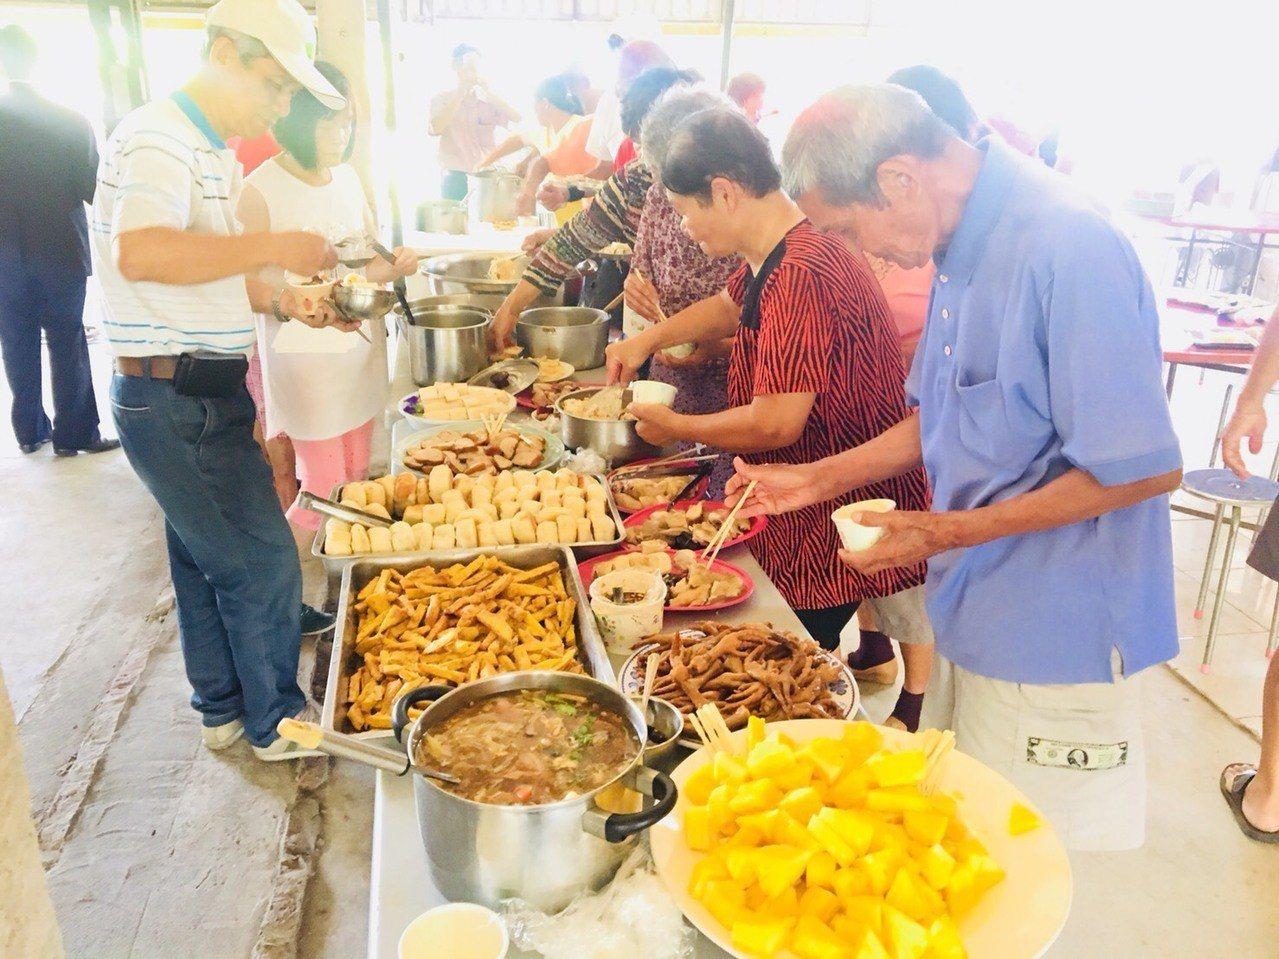 台南市後壁區頂長關懷據點成立周年,一家一菜獻上健康長久祝福。圖/頂長社區提供